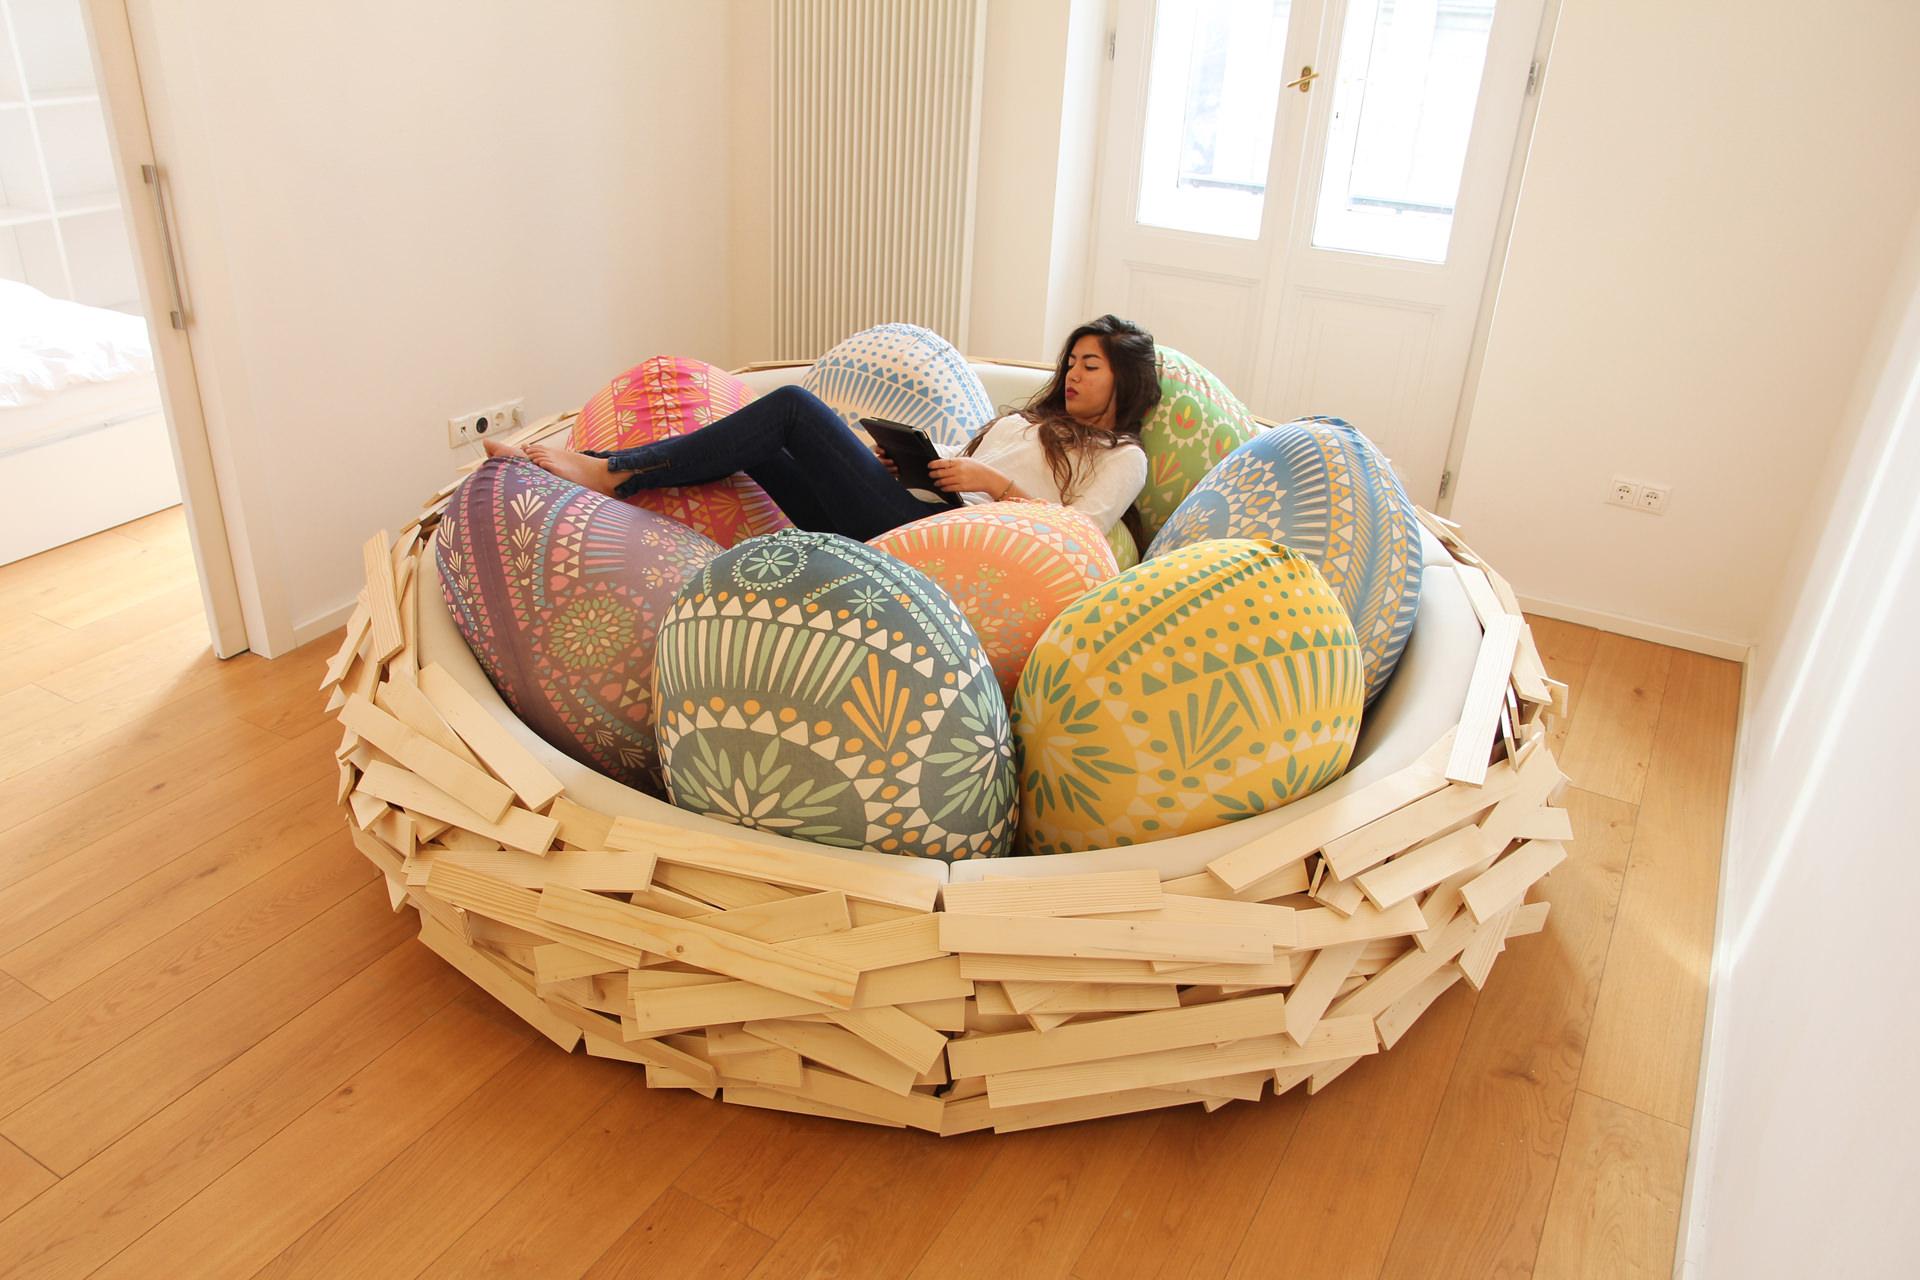 Crazy Home Decor Heather Bergdahl